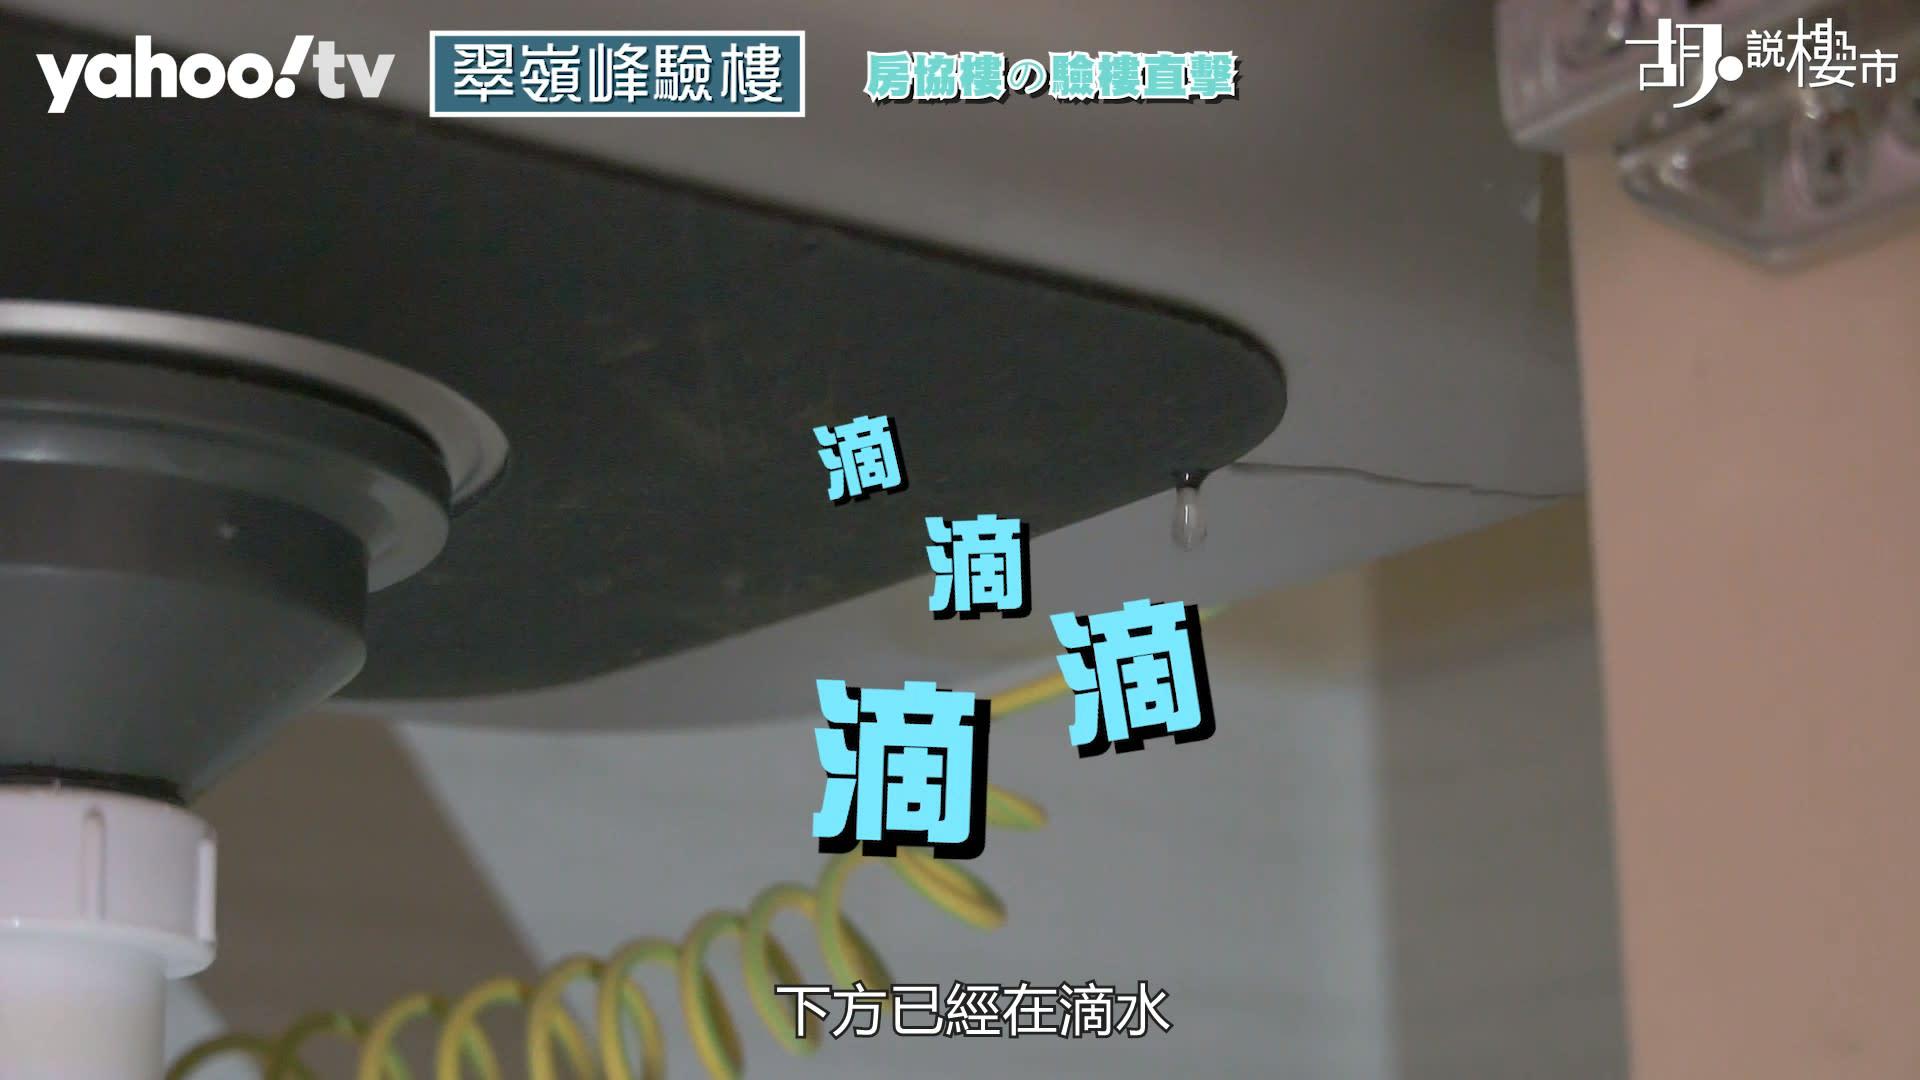 【胡.說樓市】檢測房協交樓手工!將軍澳「翠嶺峰」現水患!?